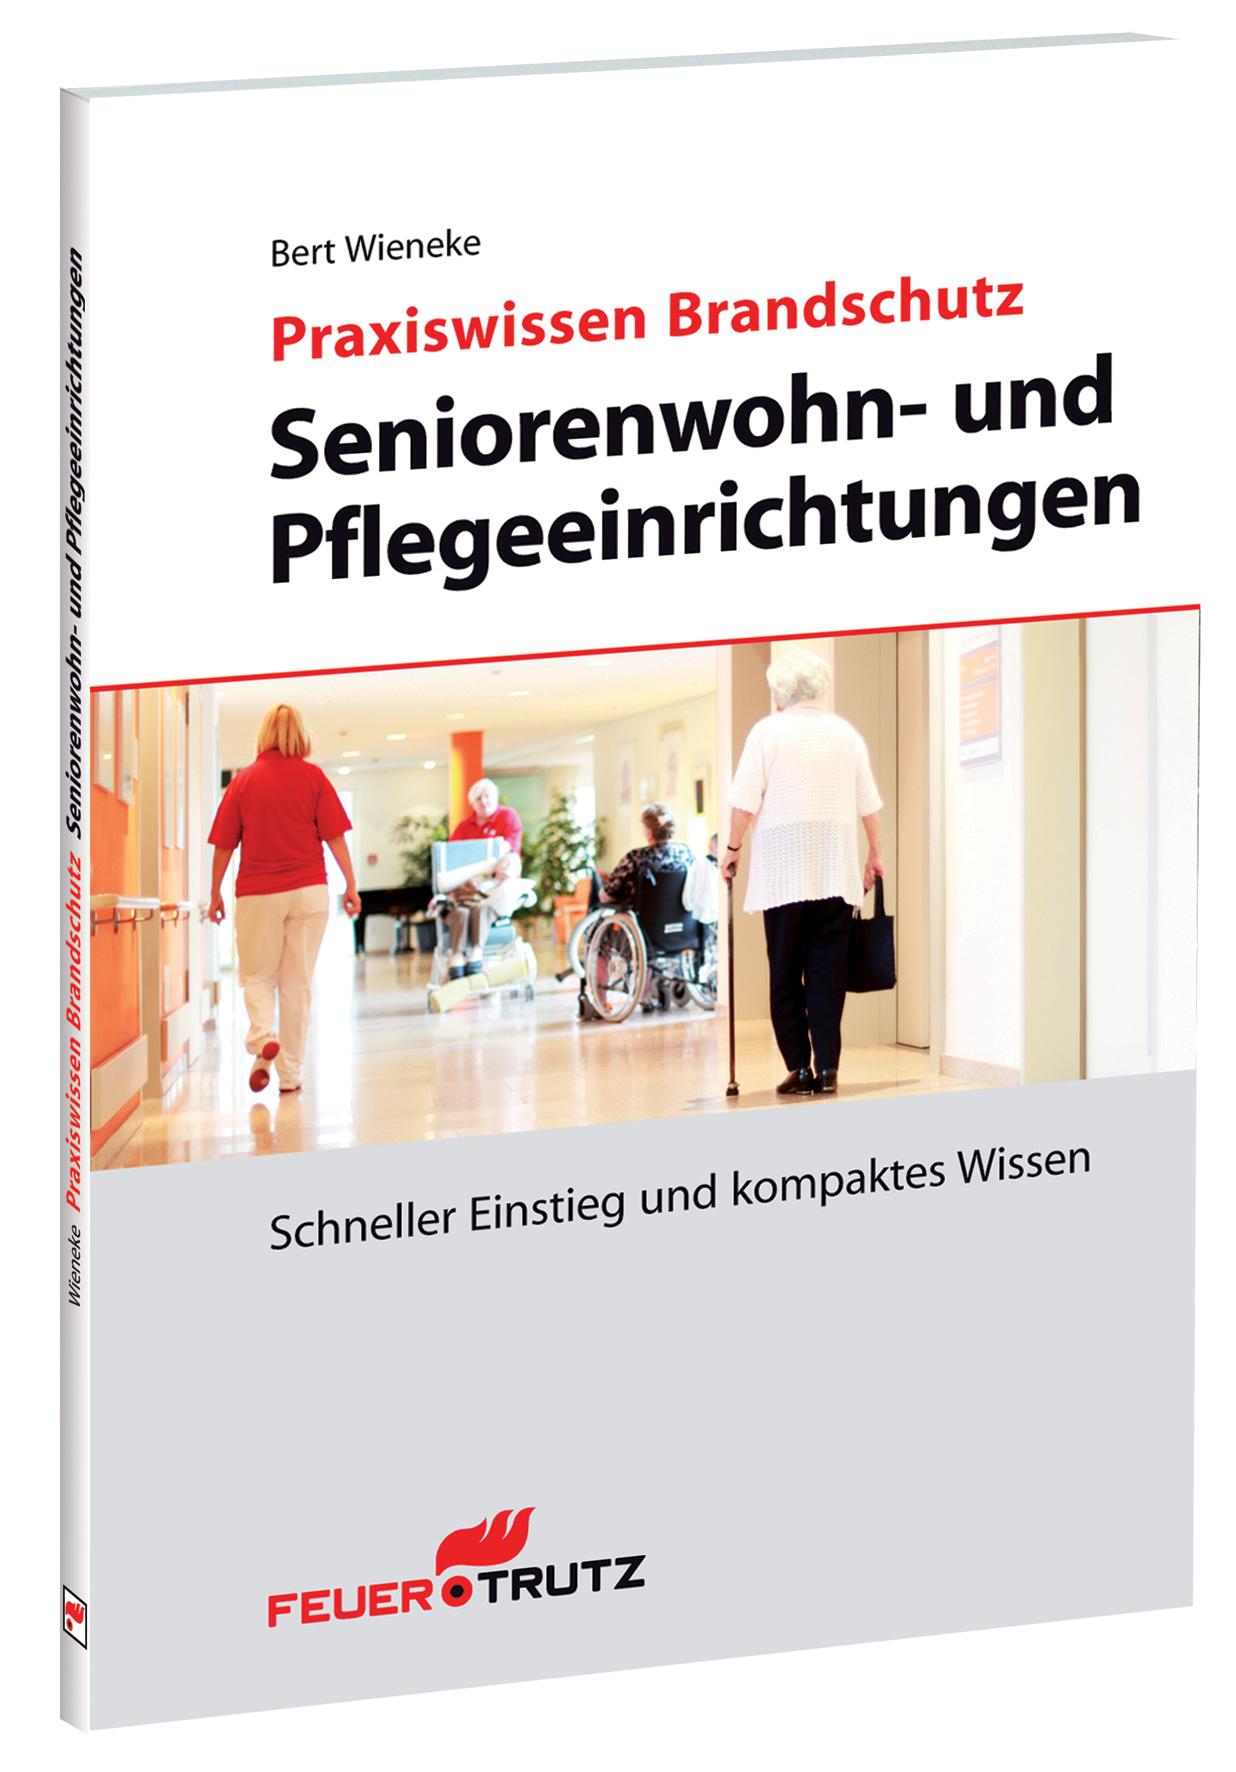 Praxiswissen Brandschutz - Seniorenwohn- und pflegeeinrichtungen Bert Wiene ...